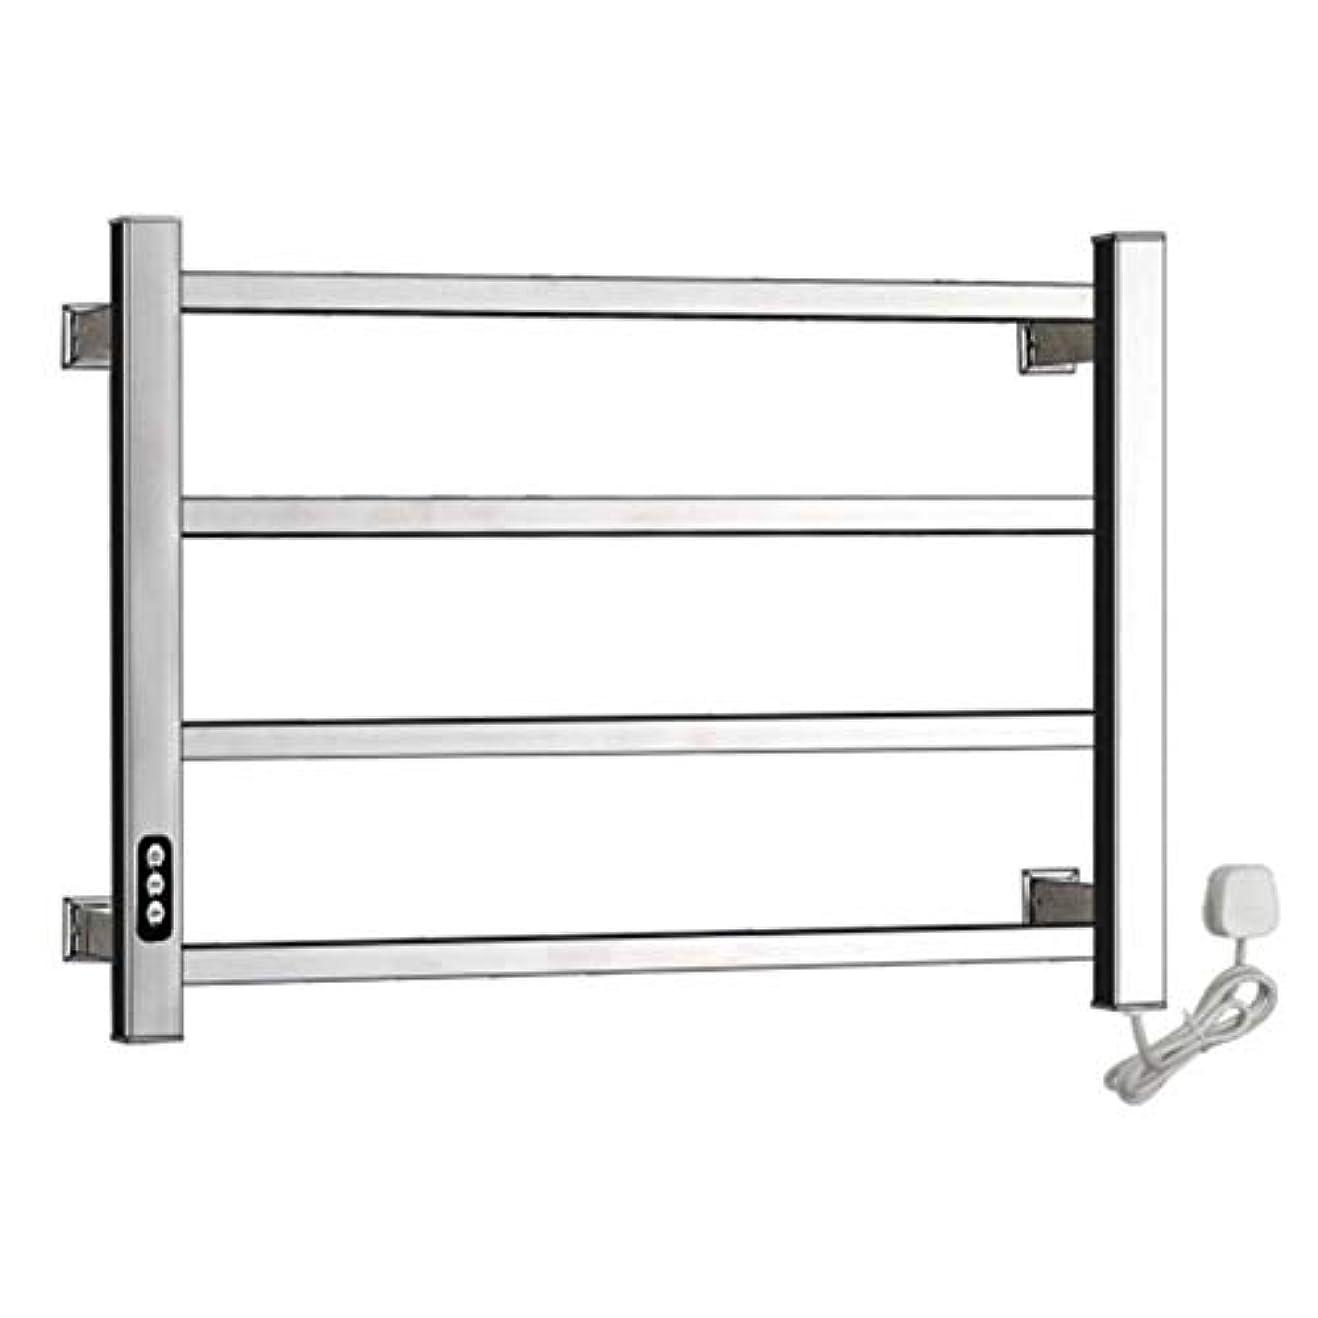 デッドデッドスカイ304ステンレス鋼電気タオルウォーマー、加熱タオルラックラジエーター、壁掛け式浴室乾燥ラック、恒温乾燥、防水および防錆、450X600X110mm